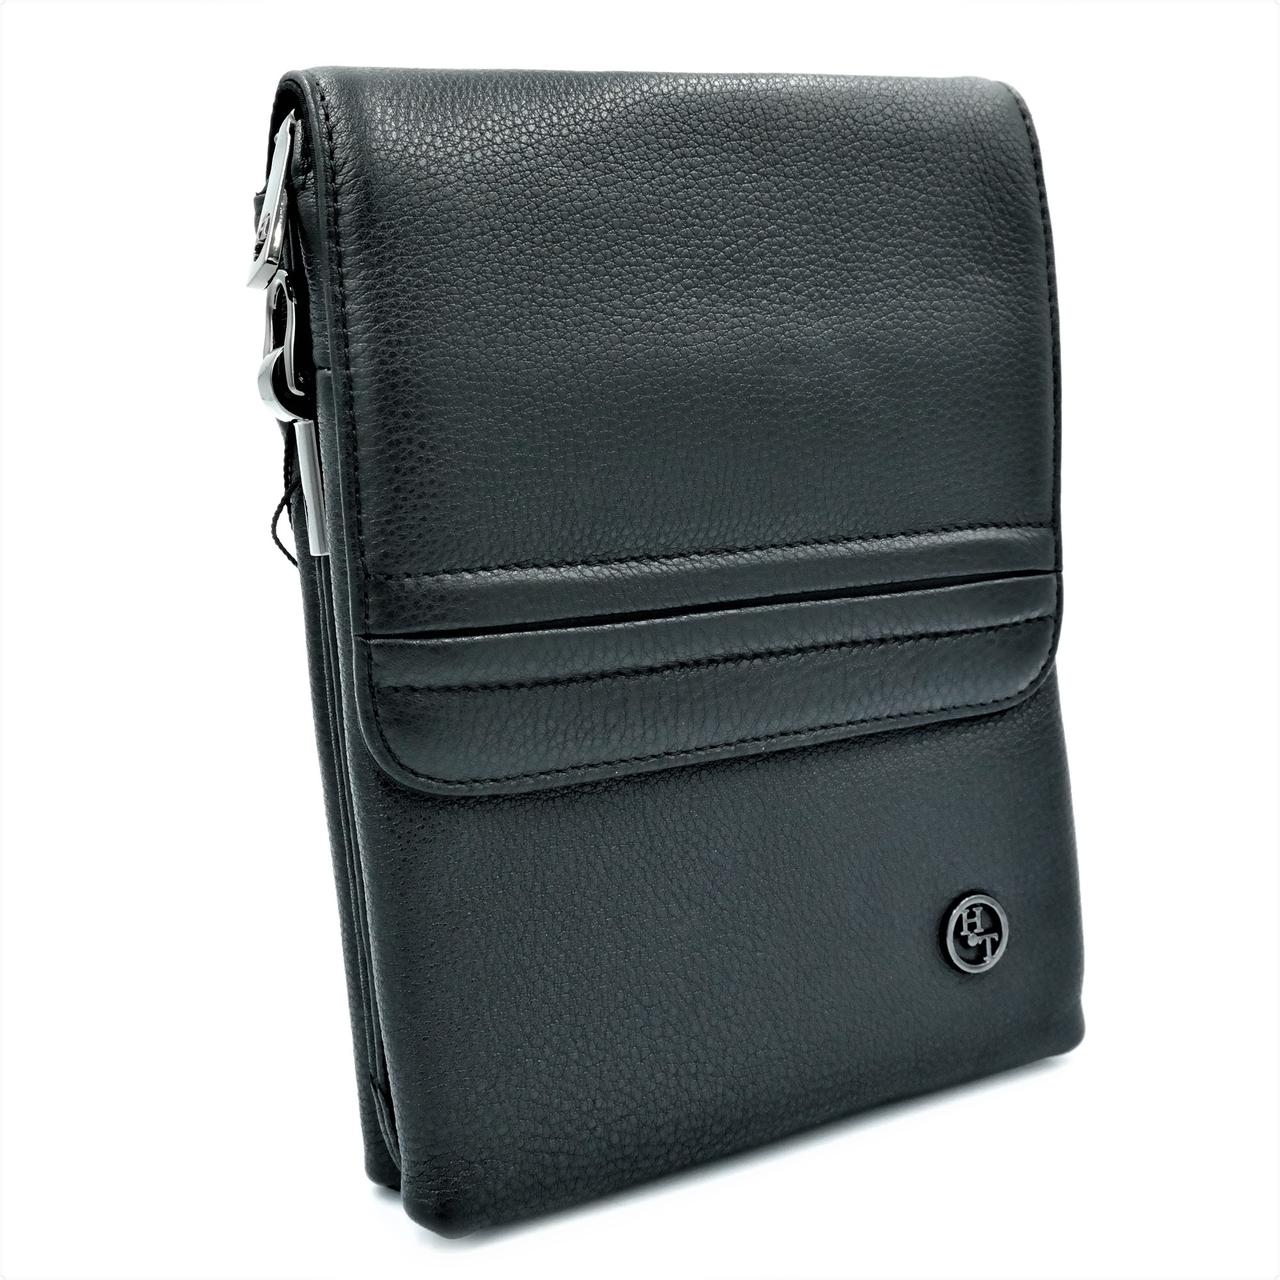 Мужская кожаная сумка H.T.Leather Черный (5416-6)